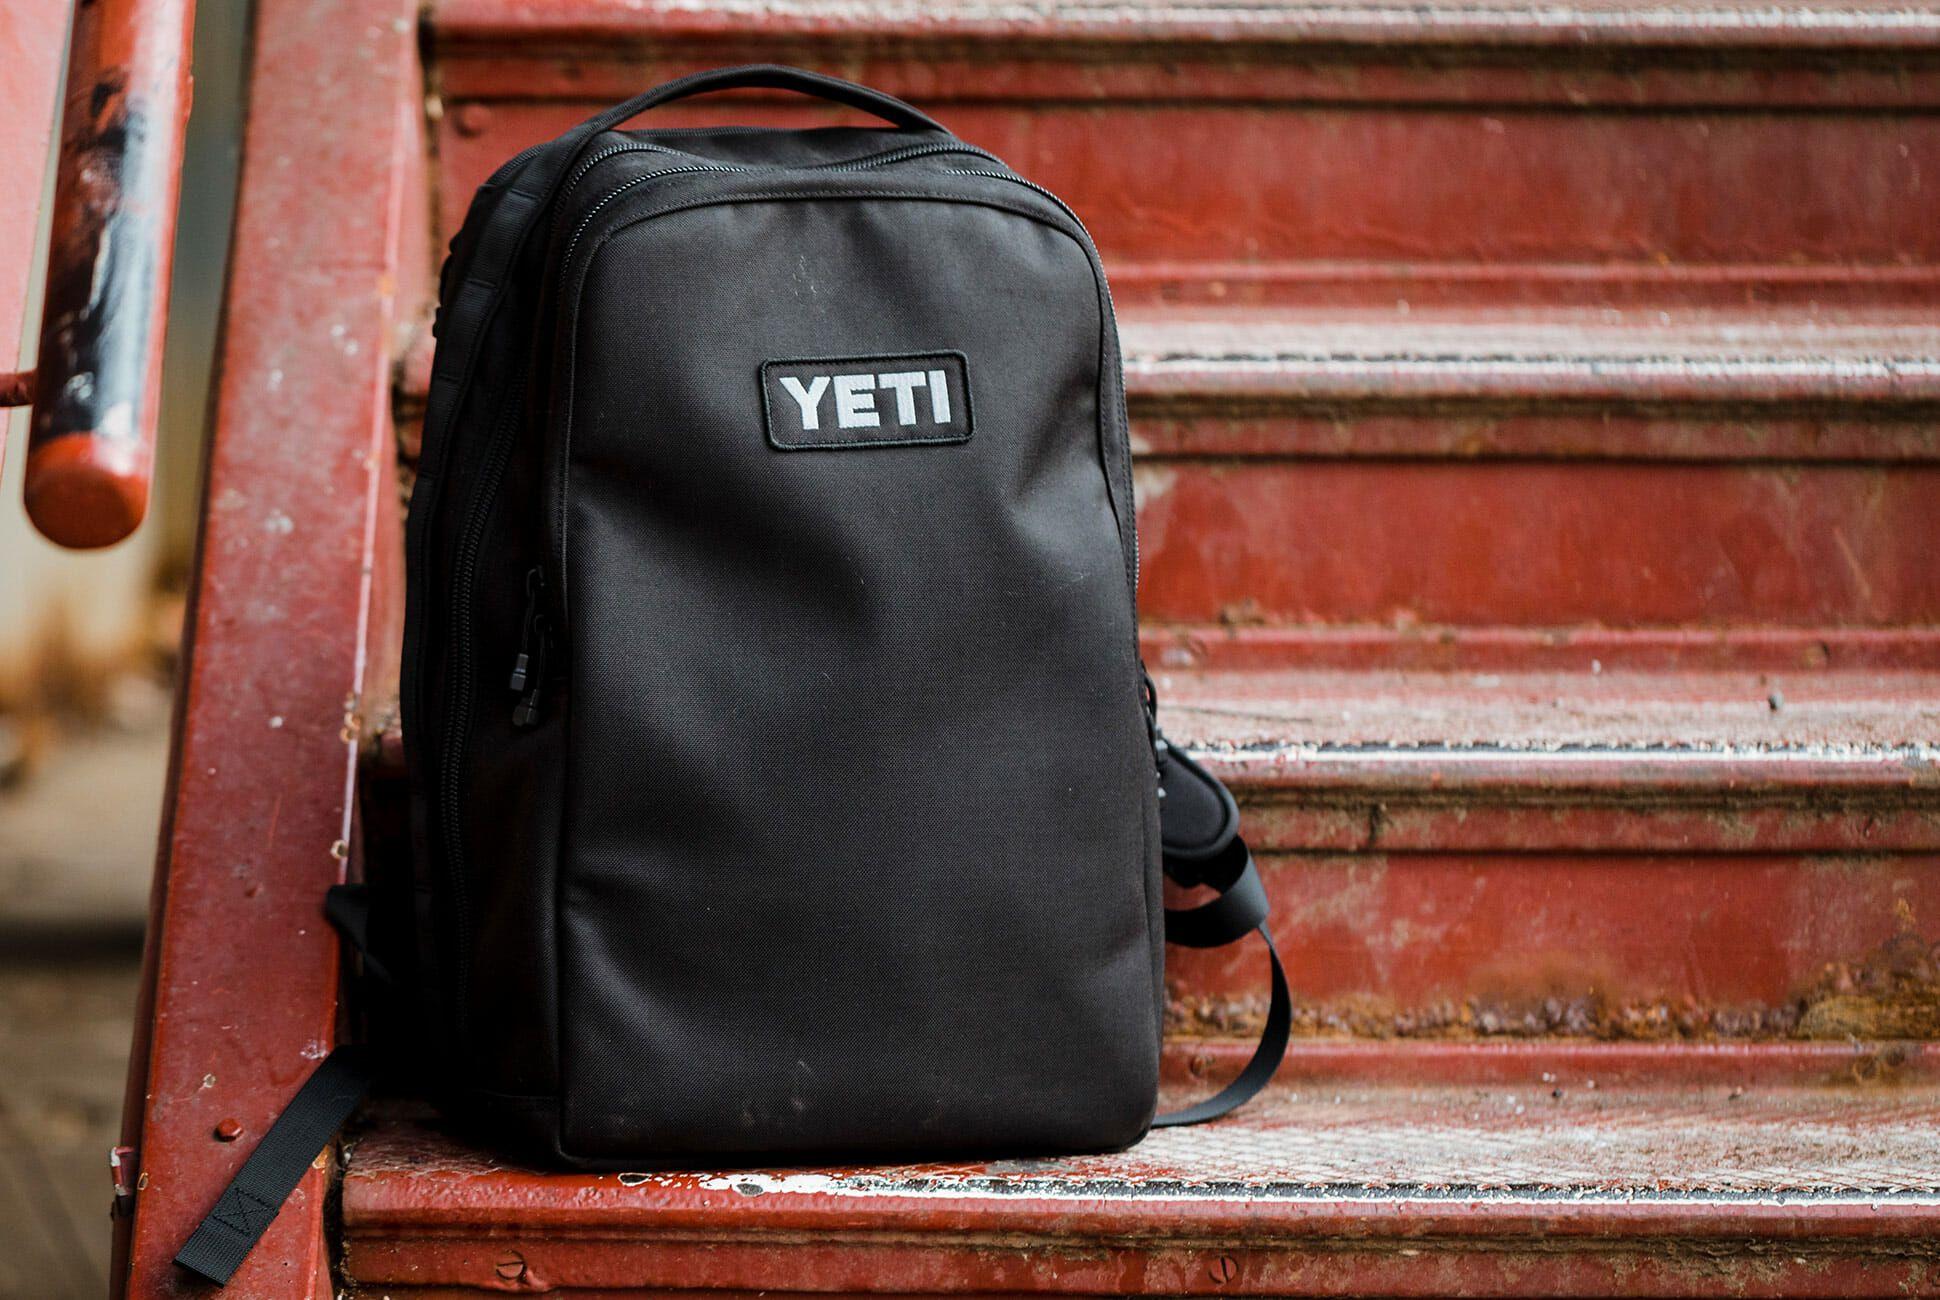 Yeti-Tocayo-Review-gear-patrol-1